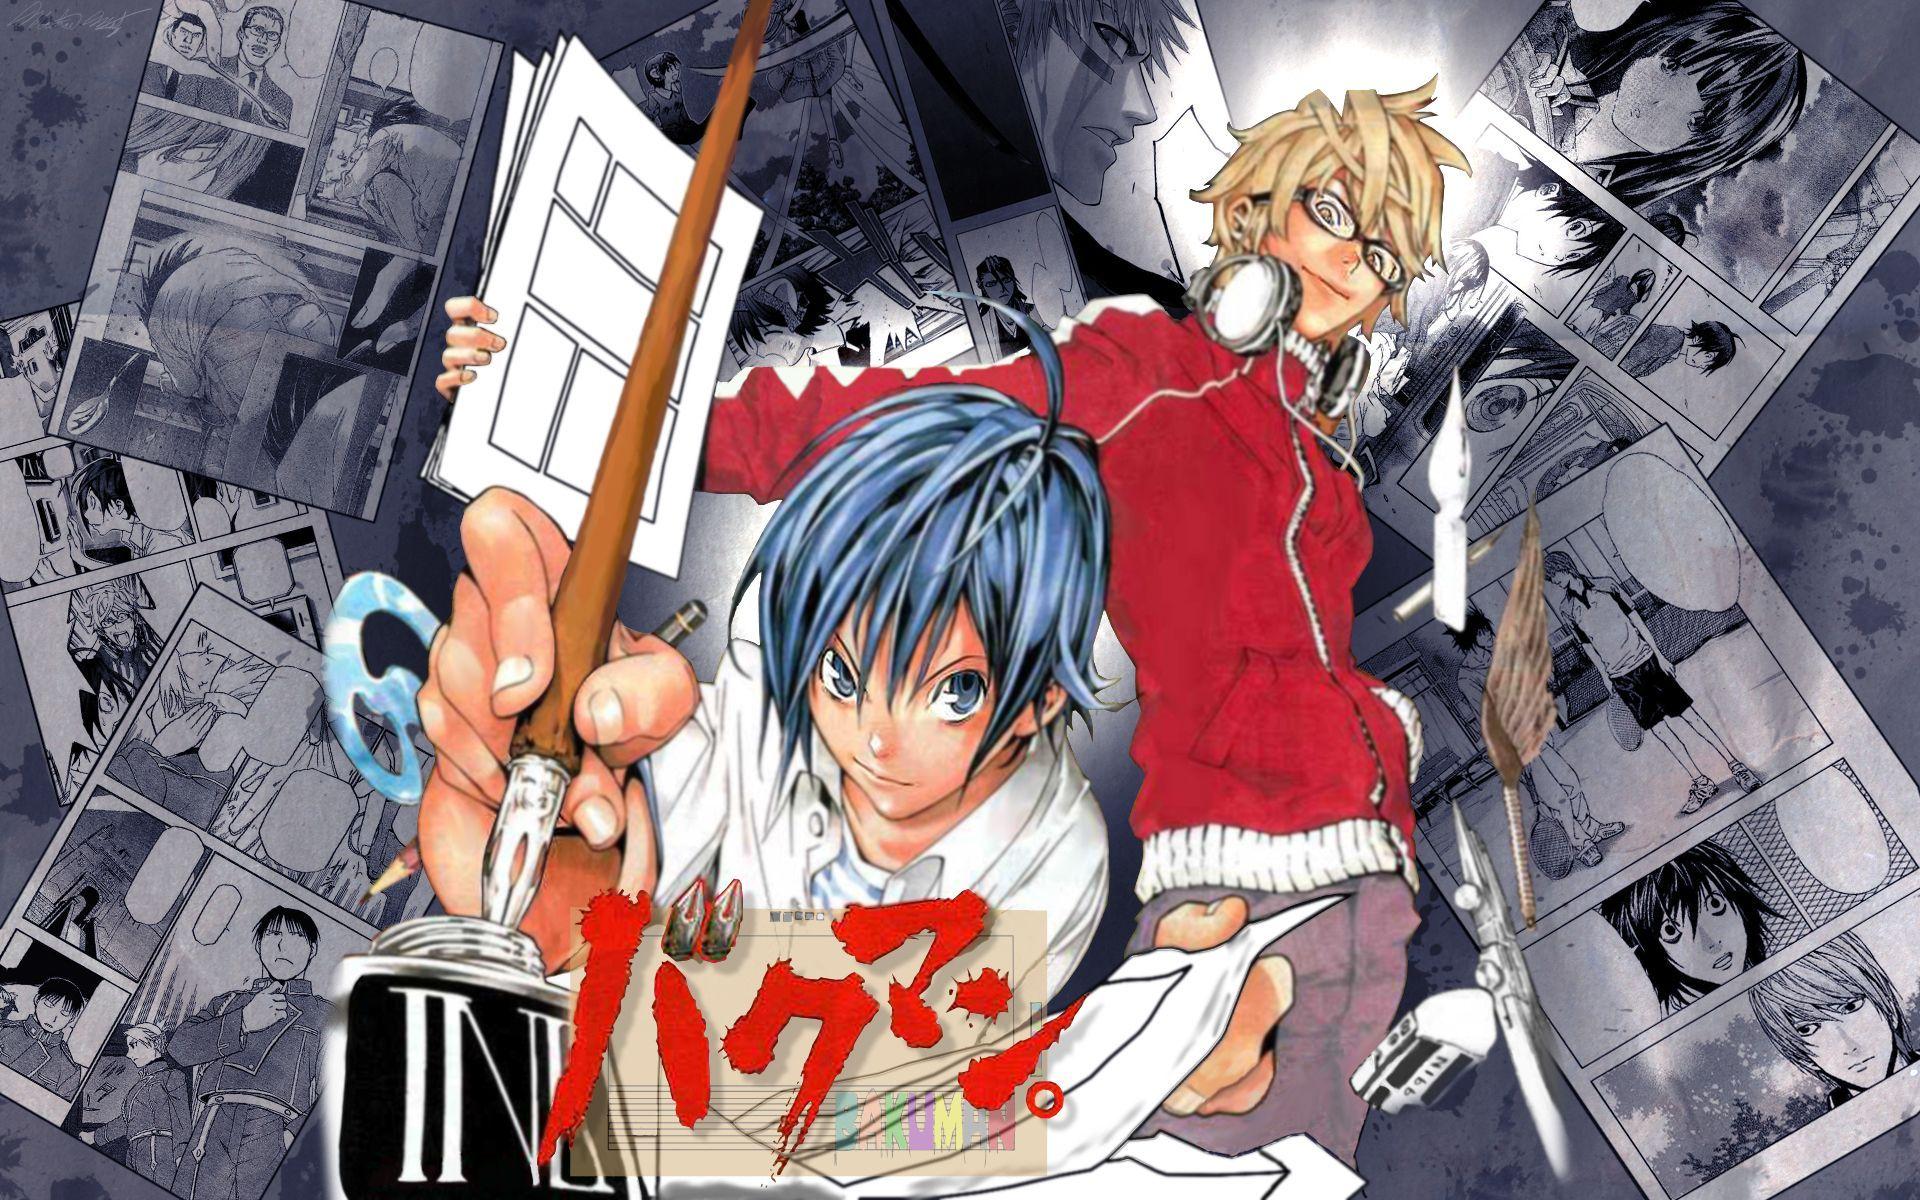 bakuman anime anime images manga anime bakuman anime anime images manga anime